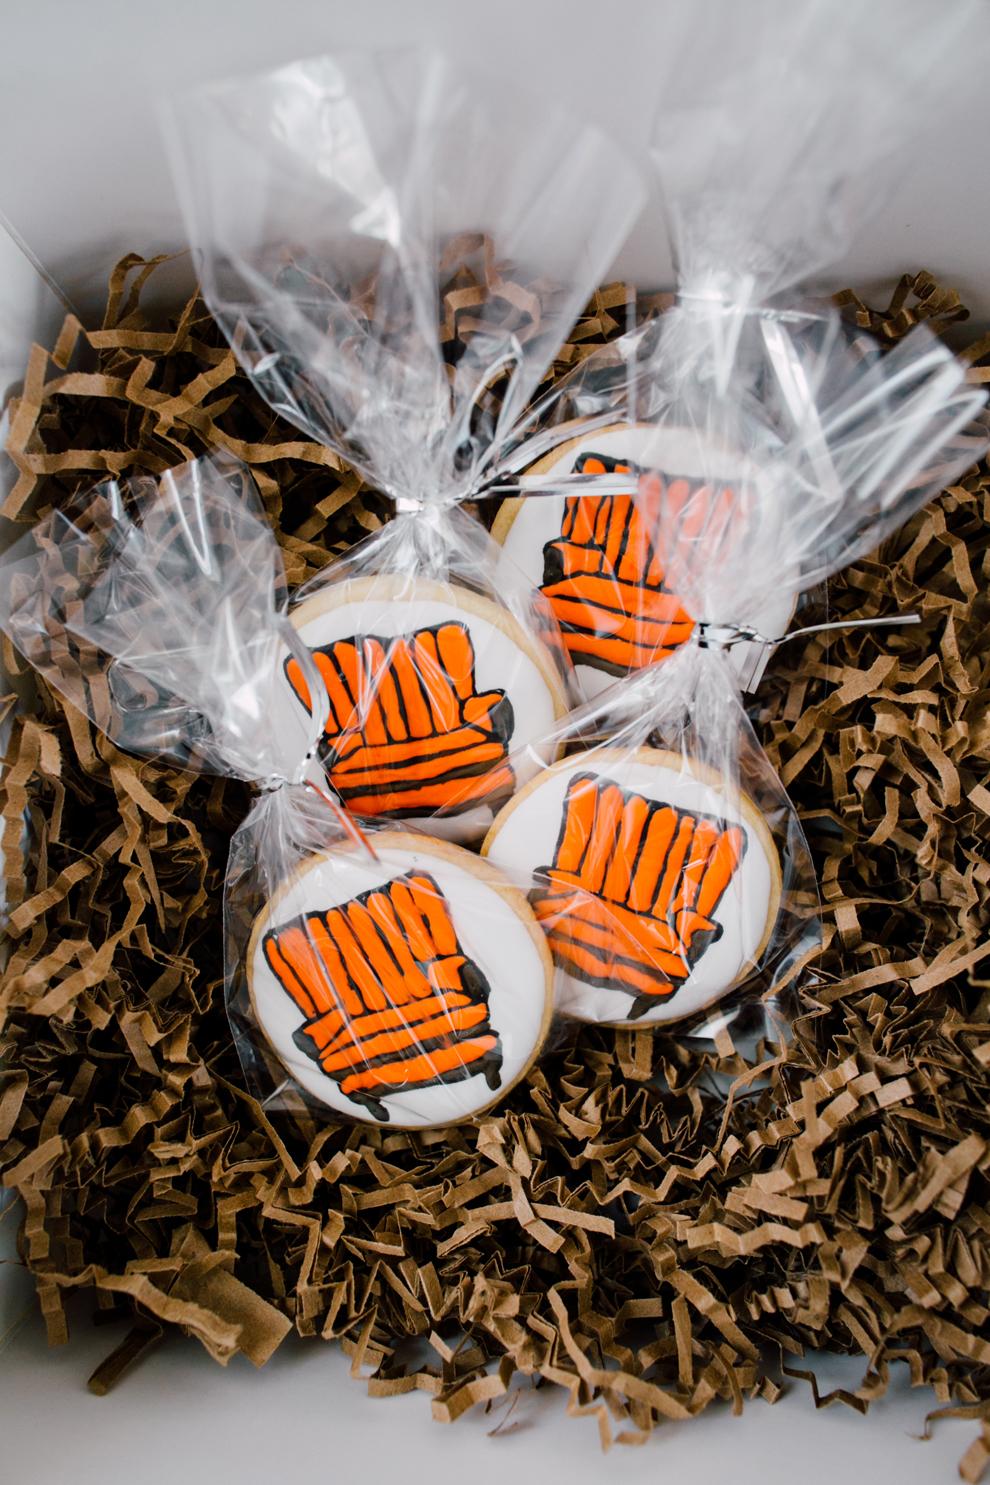 006-morgan-cookies-bellingham-orange-chair-logo-katheryn-moran-photography.jpg